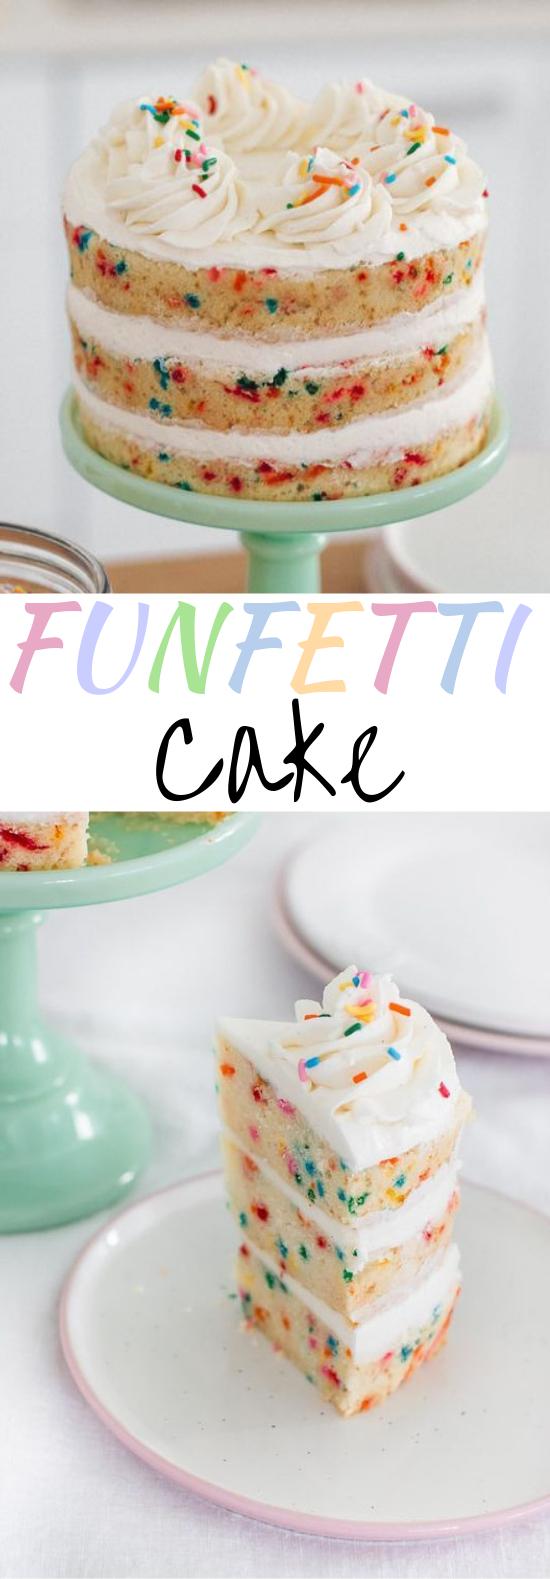 Funfetti Cake #cake #desserts